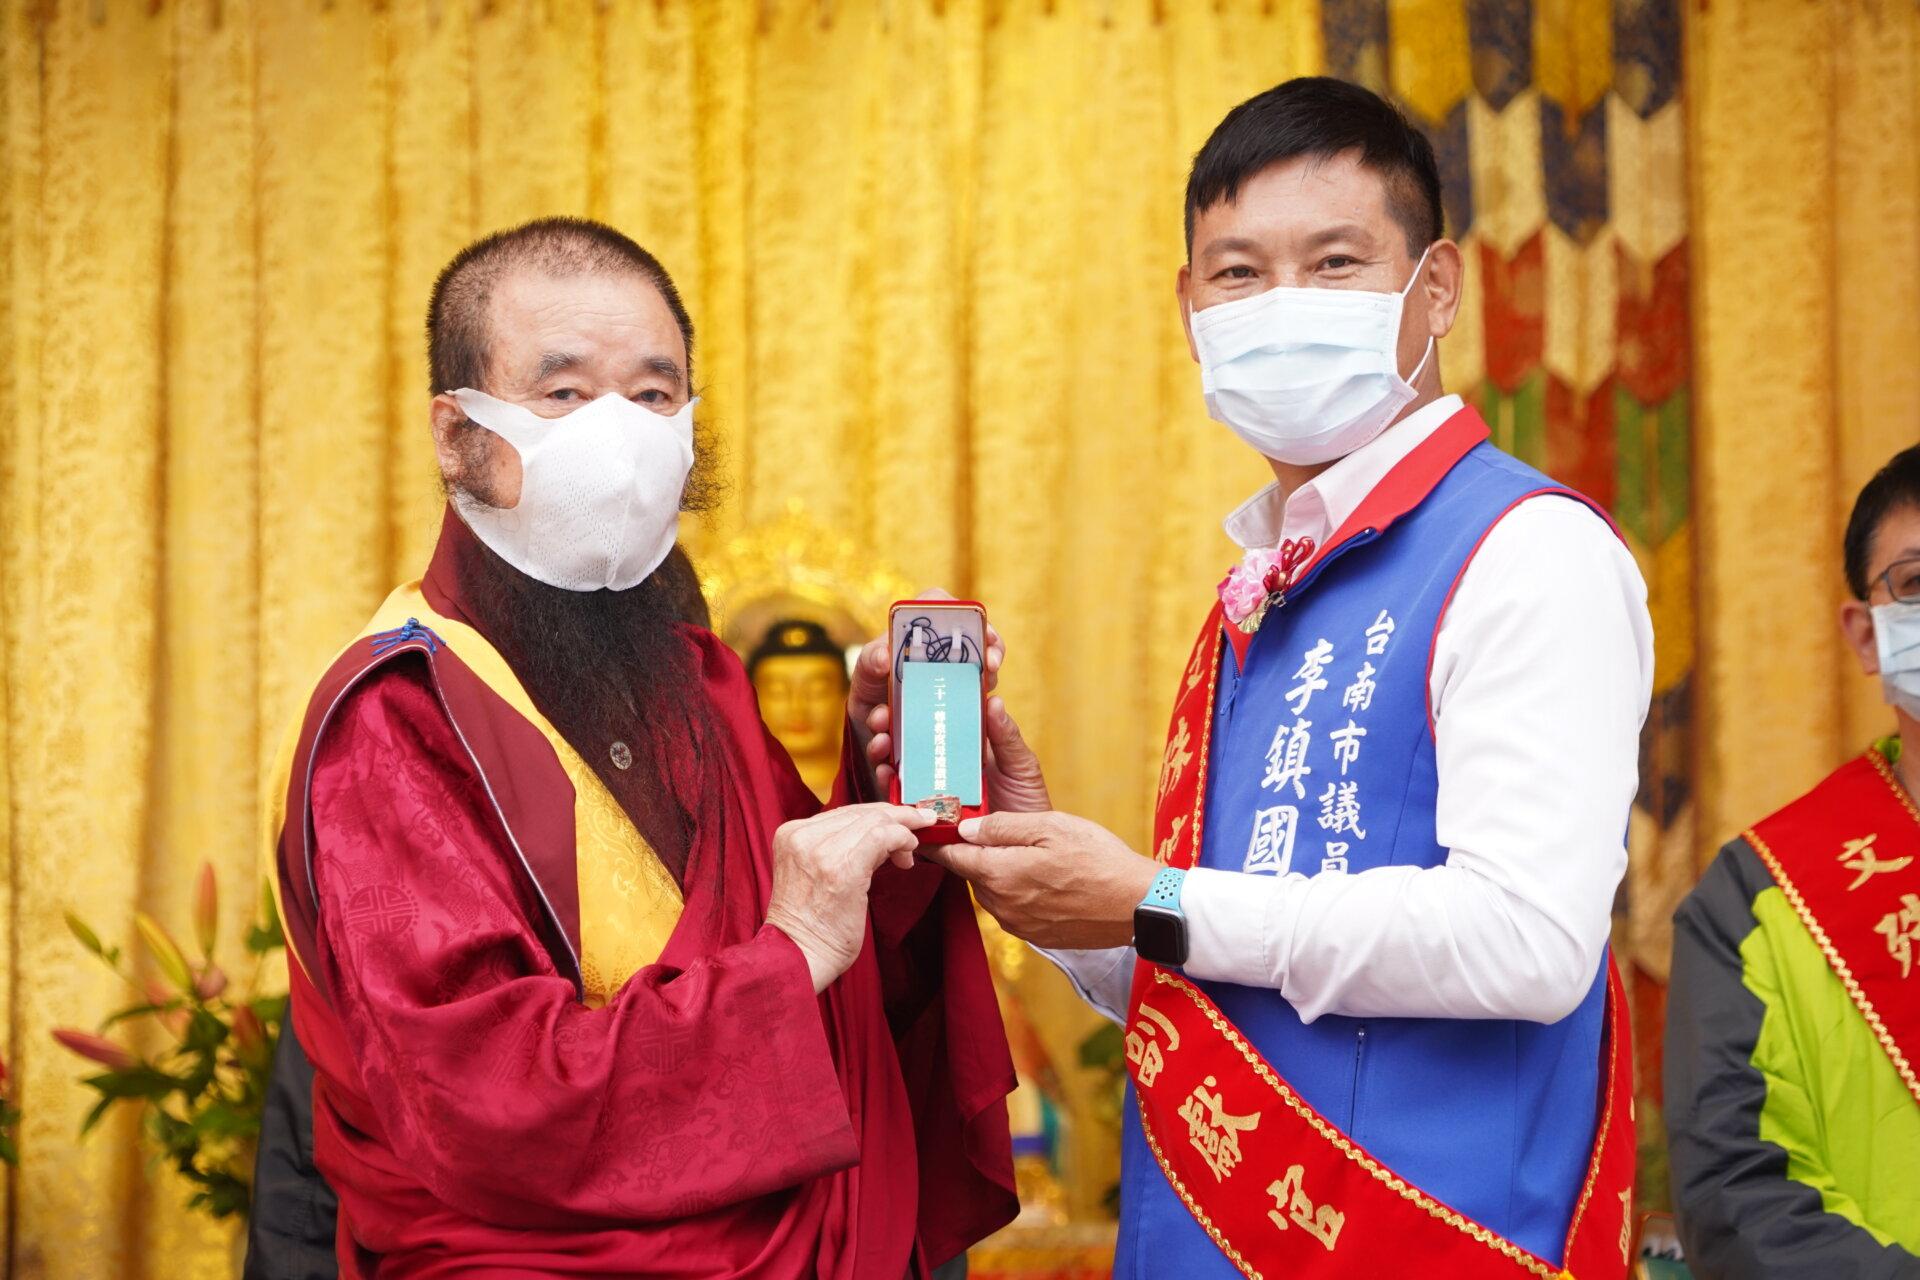 行動佛殿120站台南永康,本會指導上師恆性嘉措仁波且(左)致贈珍貴加持物綠度母墜子給李鎮國議員(右)